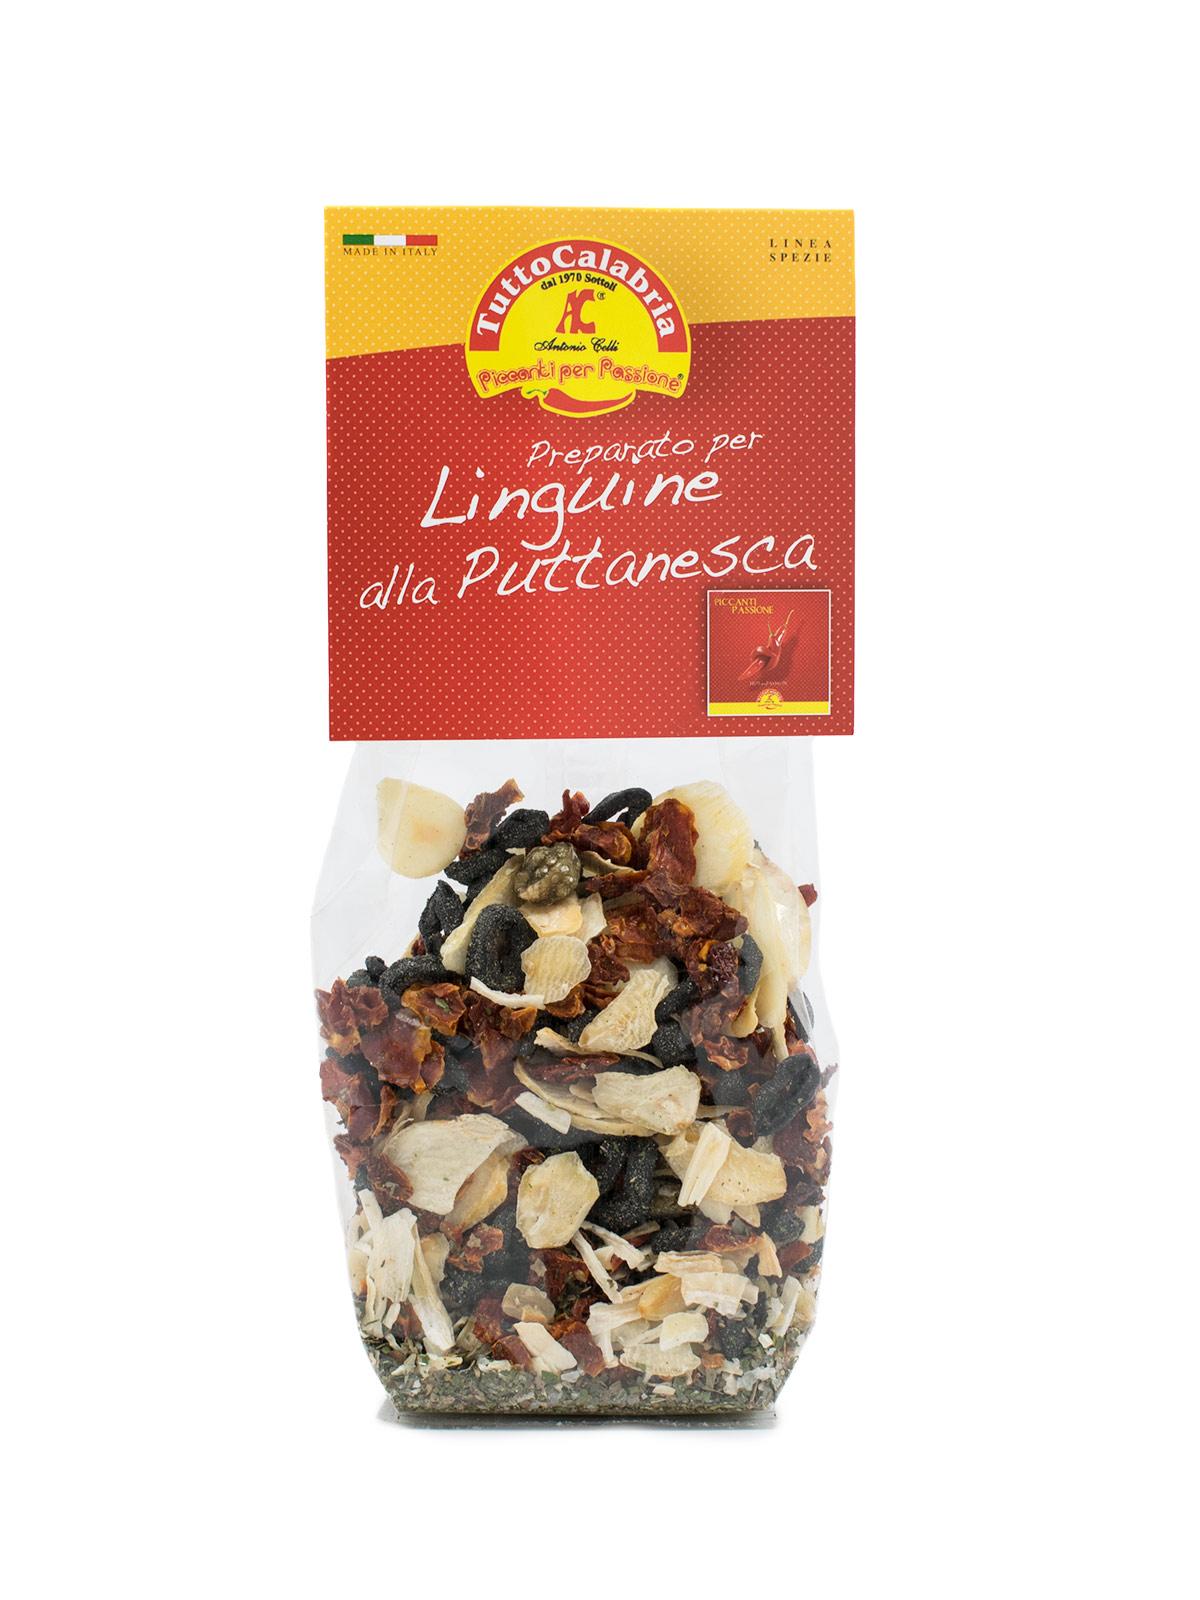 Linguine alla Puttanesca - Pantry - Buon'Italia